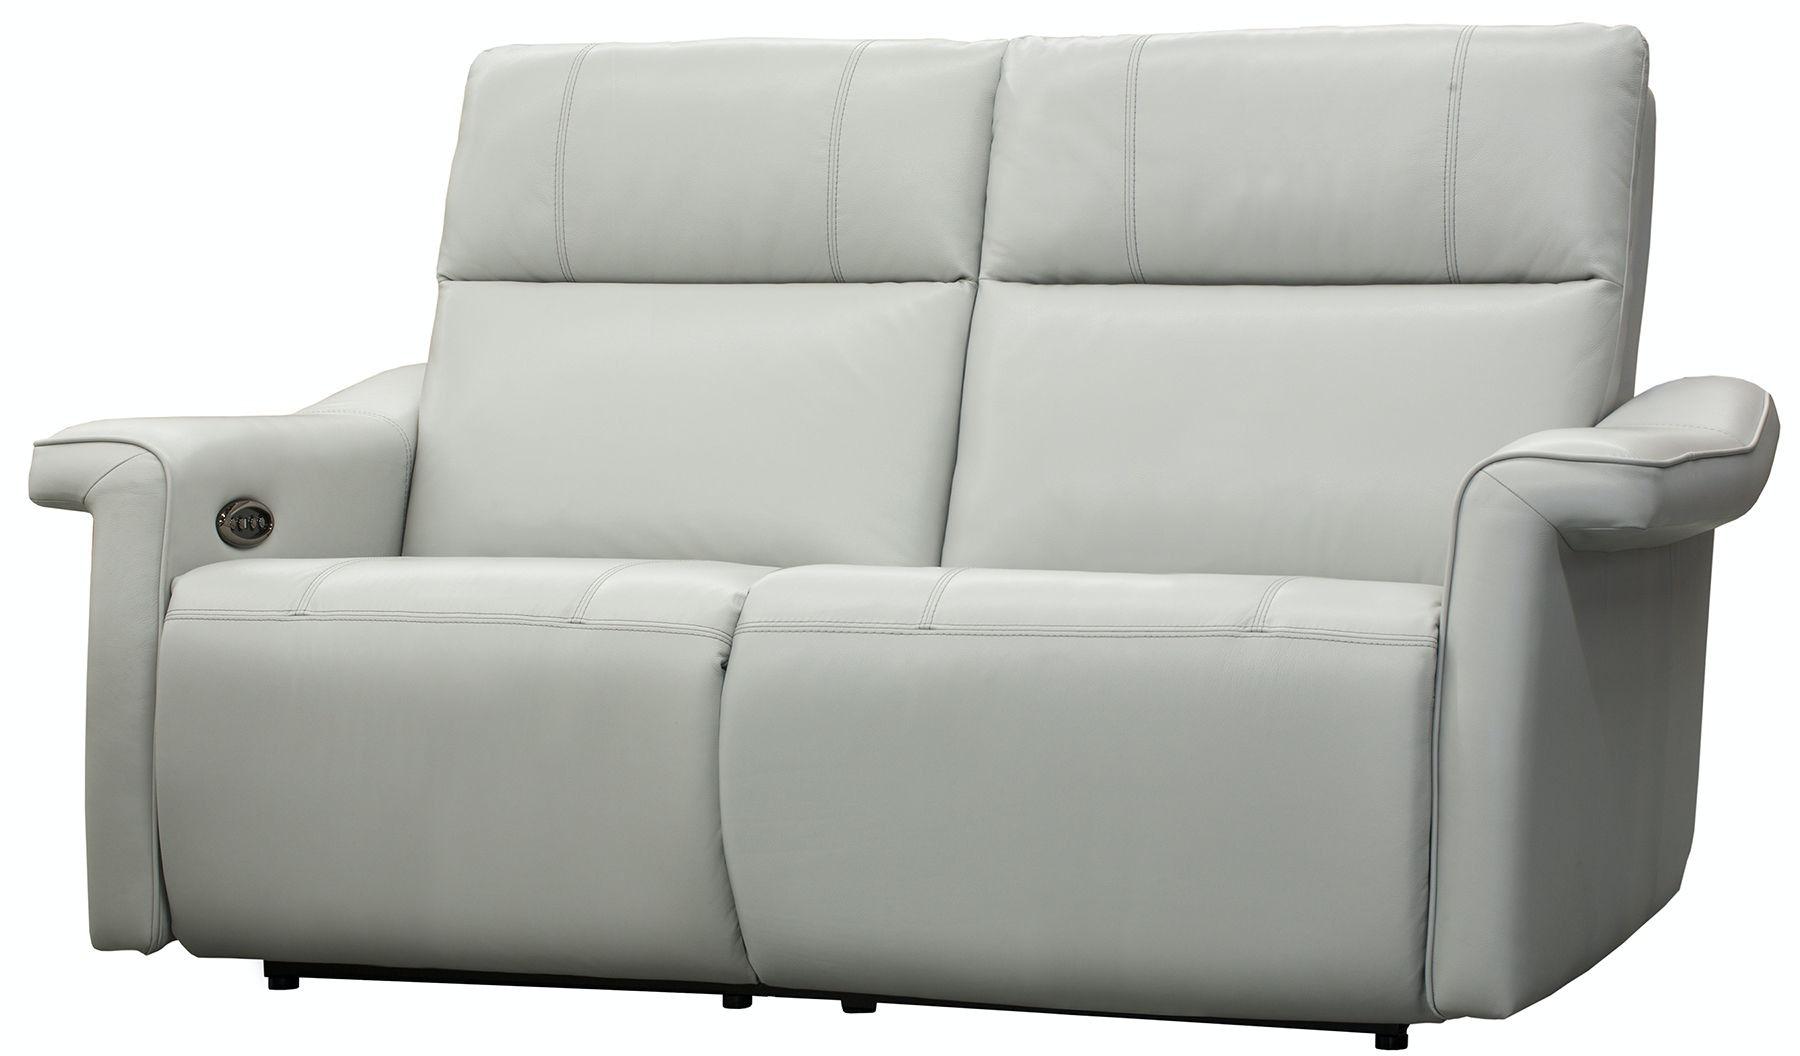 Merveilleux Elran Power Reclining Condo Sofa W/Power Headrest ER40229 OPH